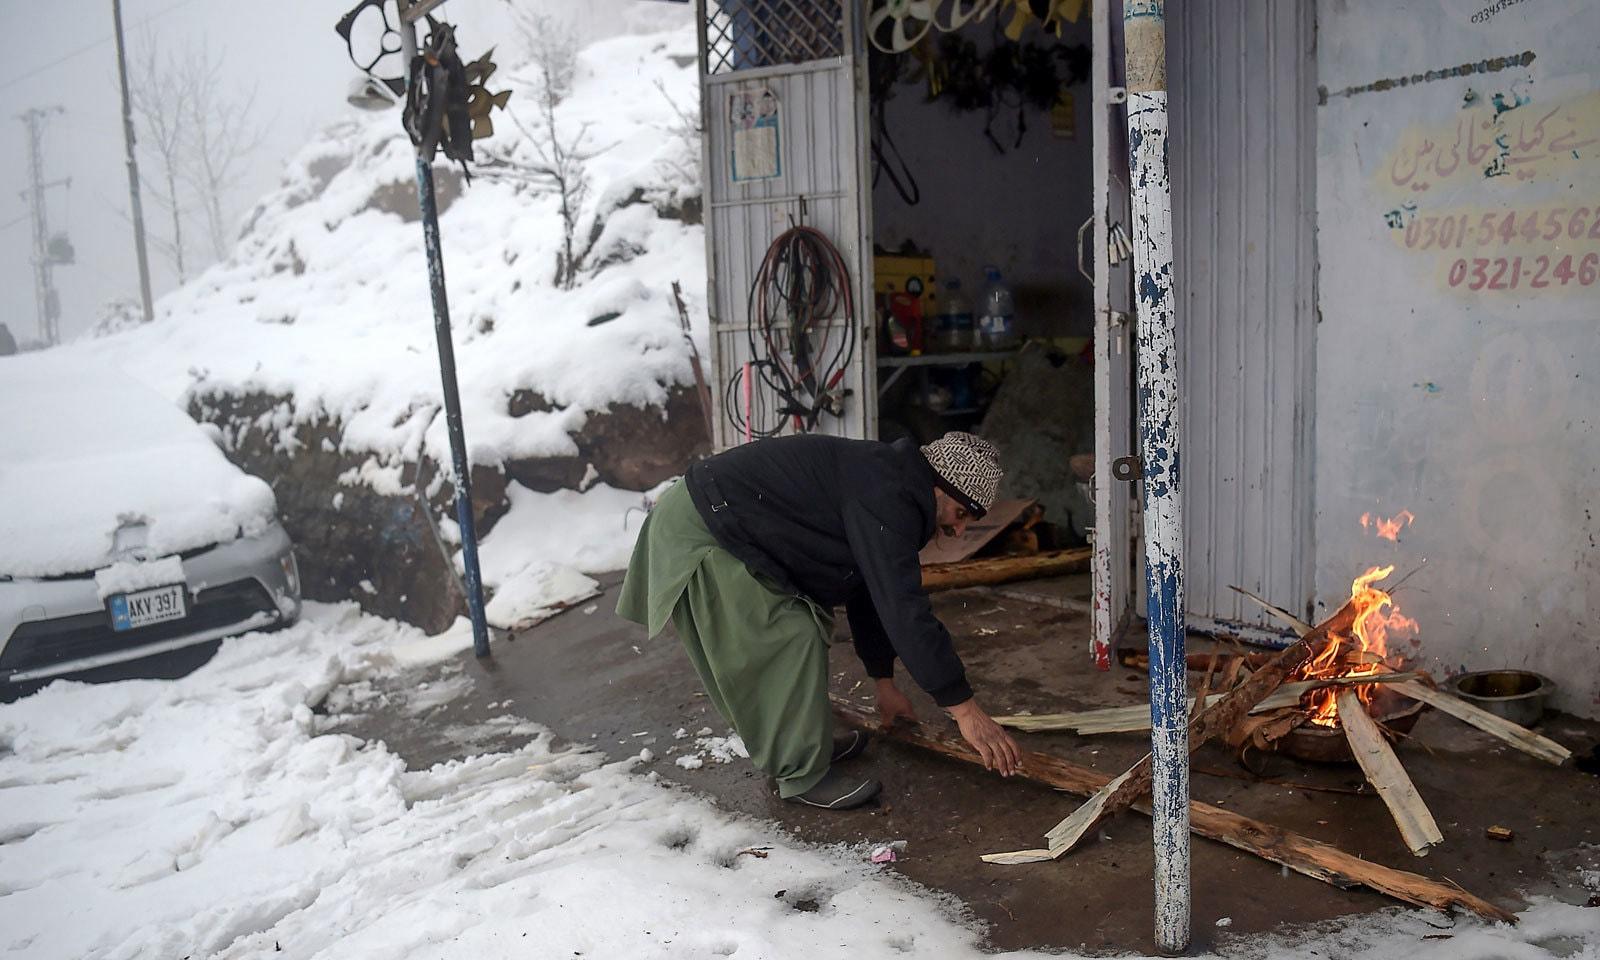 مری میں برفباری کے دوران ایک شخص اپنی ورکشاپ کے باہر لکڑیوں سے آگ جلا رہا ہے — فوٹو: اے ایف پی